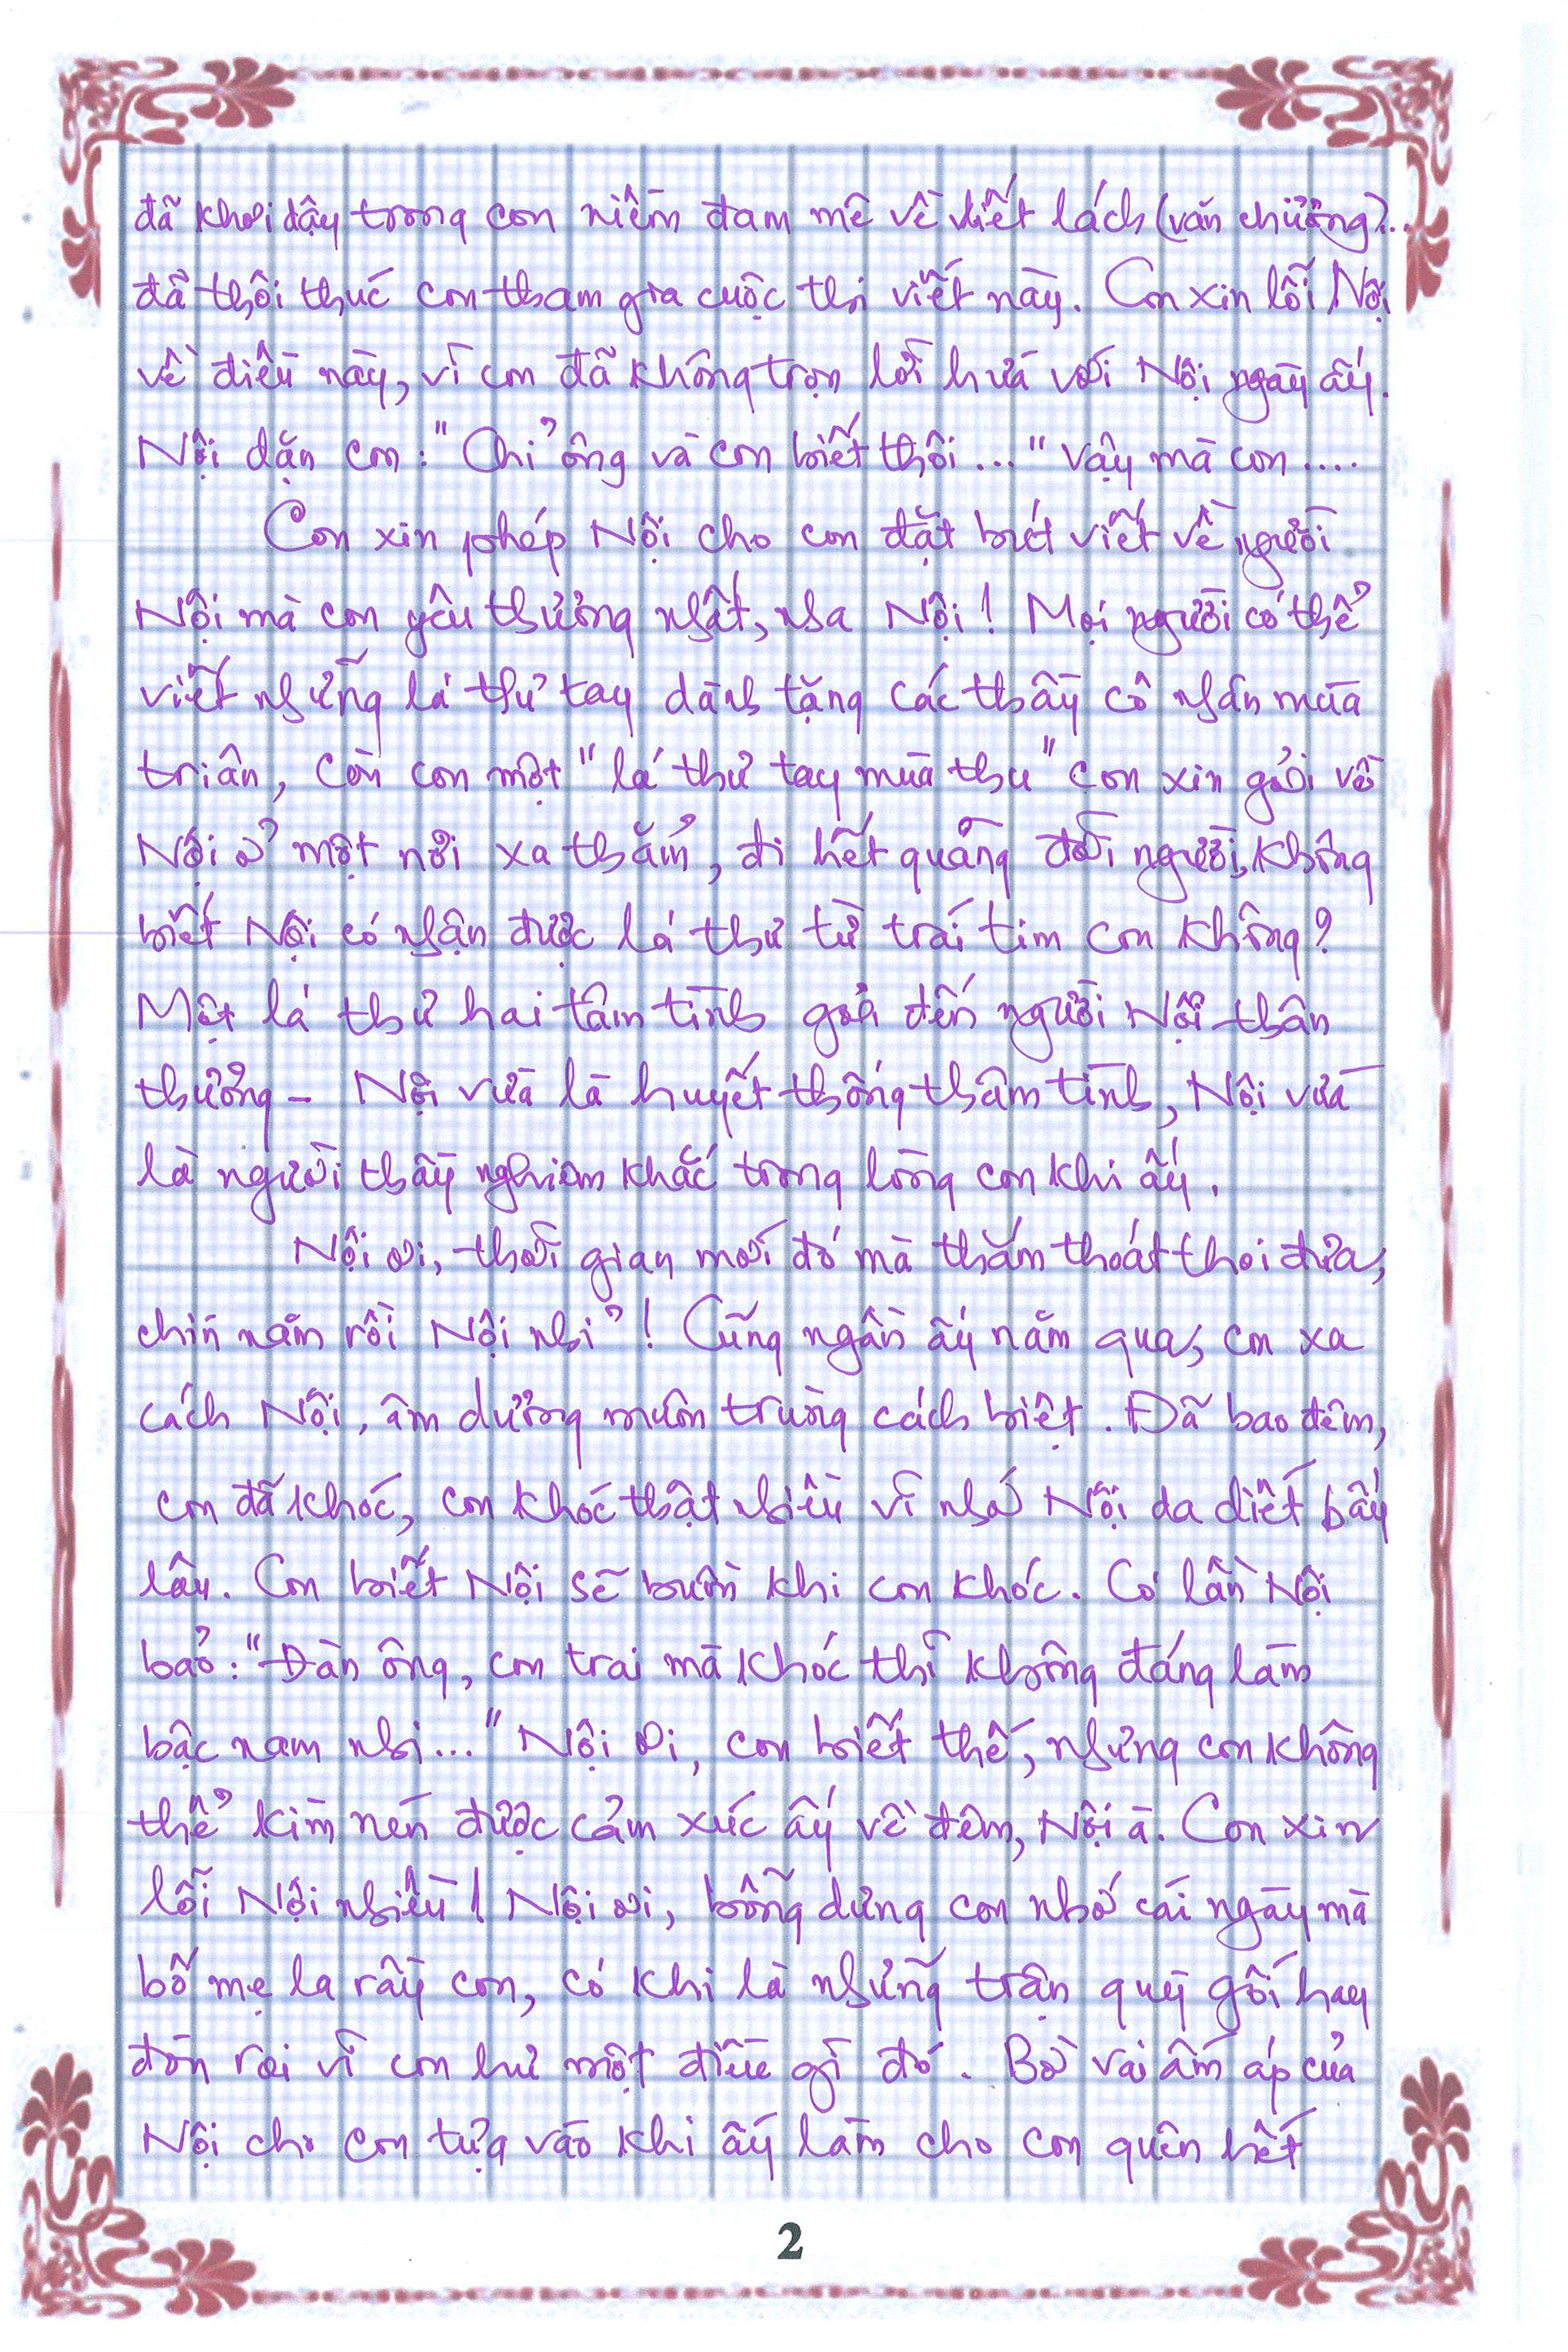 2 2 - [20/11 và những lá thư tay]: Bức thư mùa thu gửi Nội...